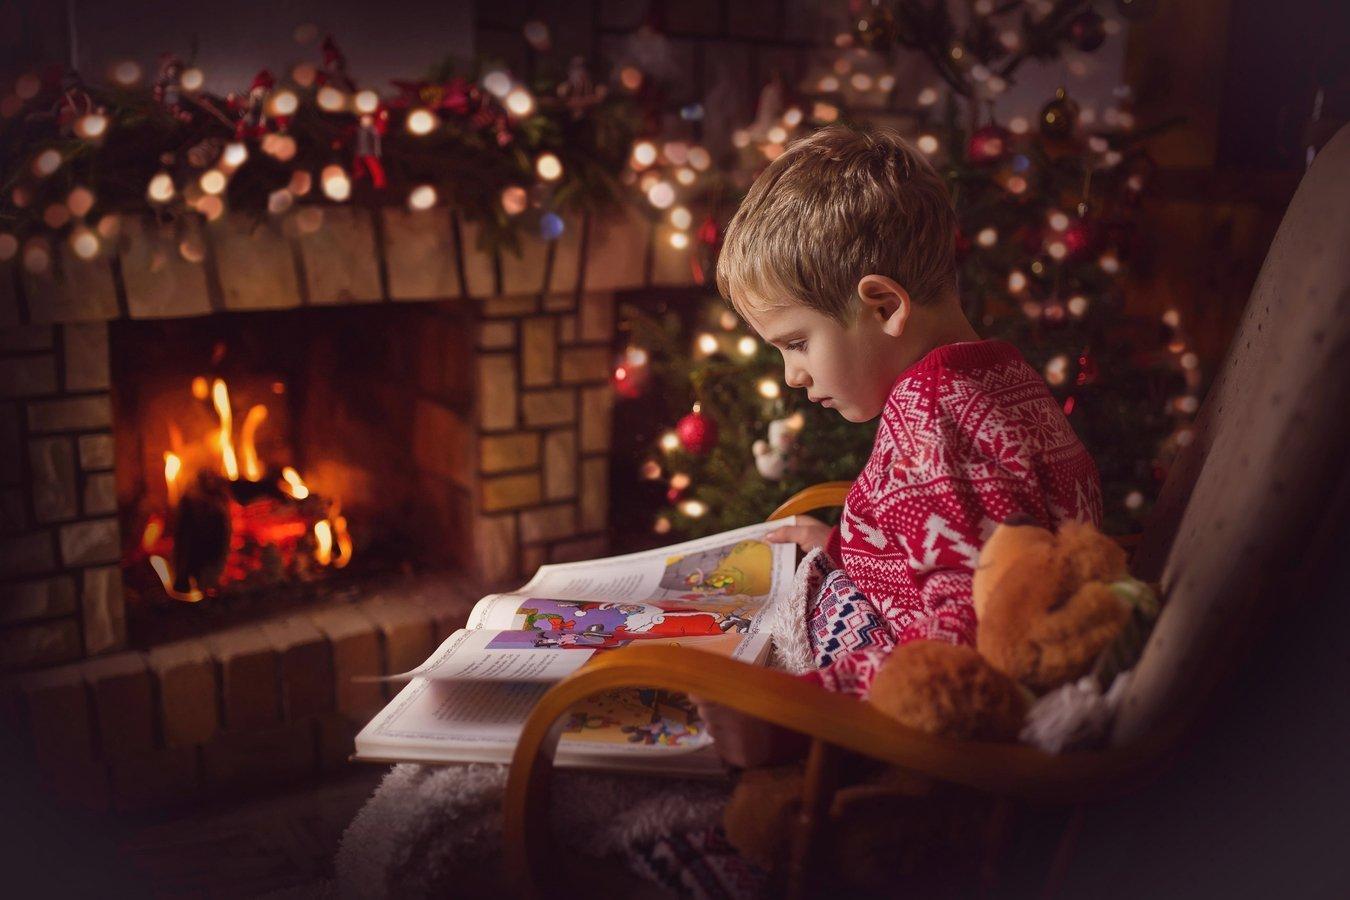 Kdy jindy posílit příjemnou náladu domova, než právě v nadcházejícím vánočním čase, který se v posledních letech nese ve znamení stresu a shonu? Je známo, že čínské Feng Shui udává v životě správný směr. Proč toho nevyužít i přes vánoční období? Nemusíte být znalcem, stačí vám těchto pár základních informací k vytvoření poklidné vánoční atmosféry.